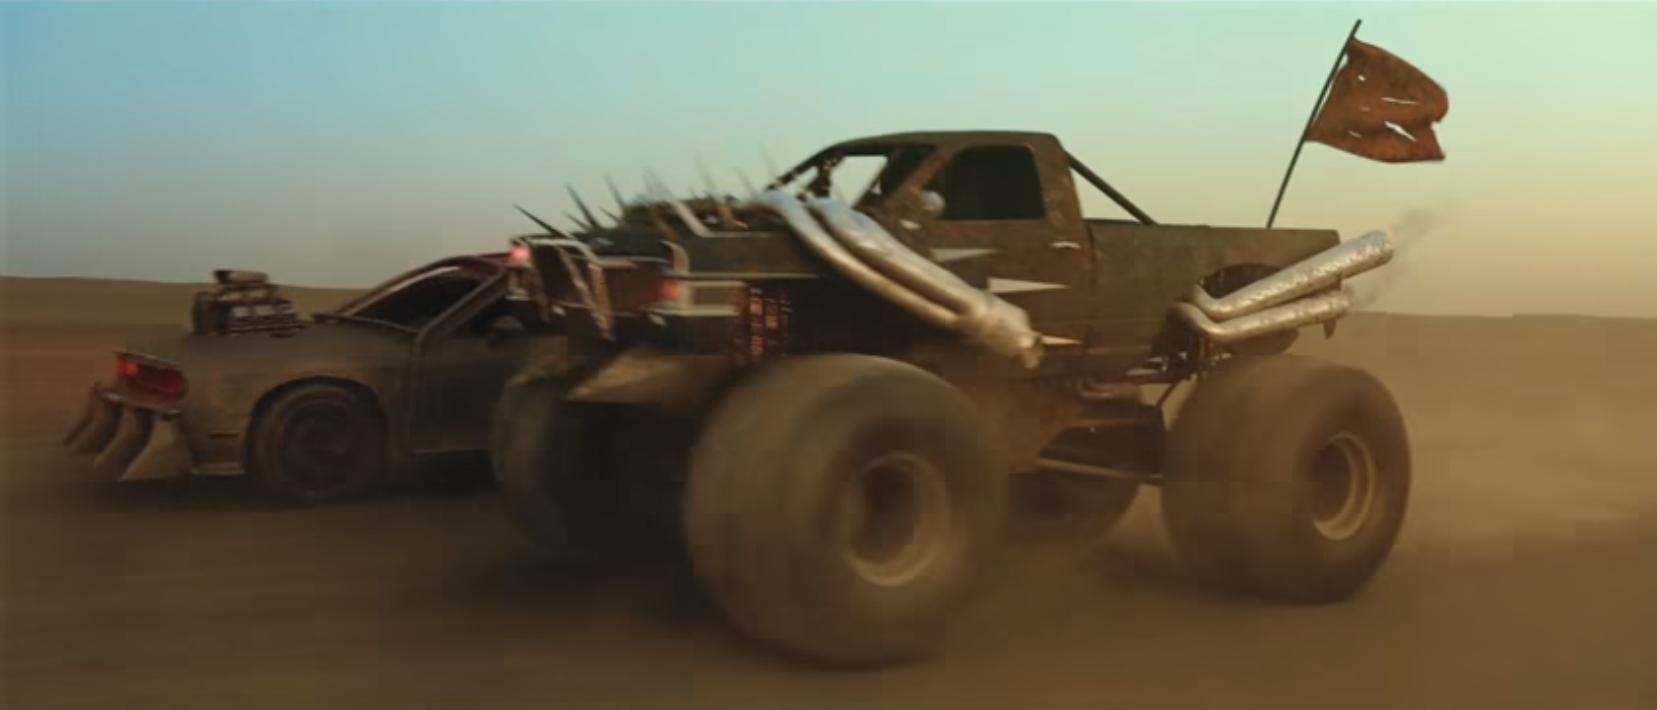 Реклама Пепси в Саудовской Аравии: Цифровые ниндзя и каменные монстры